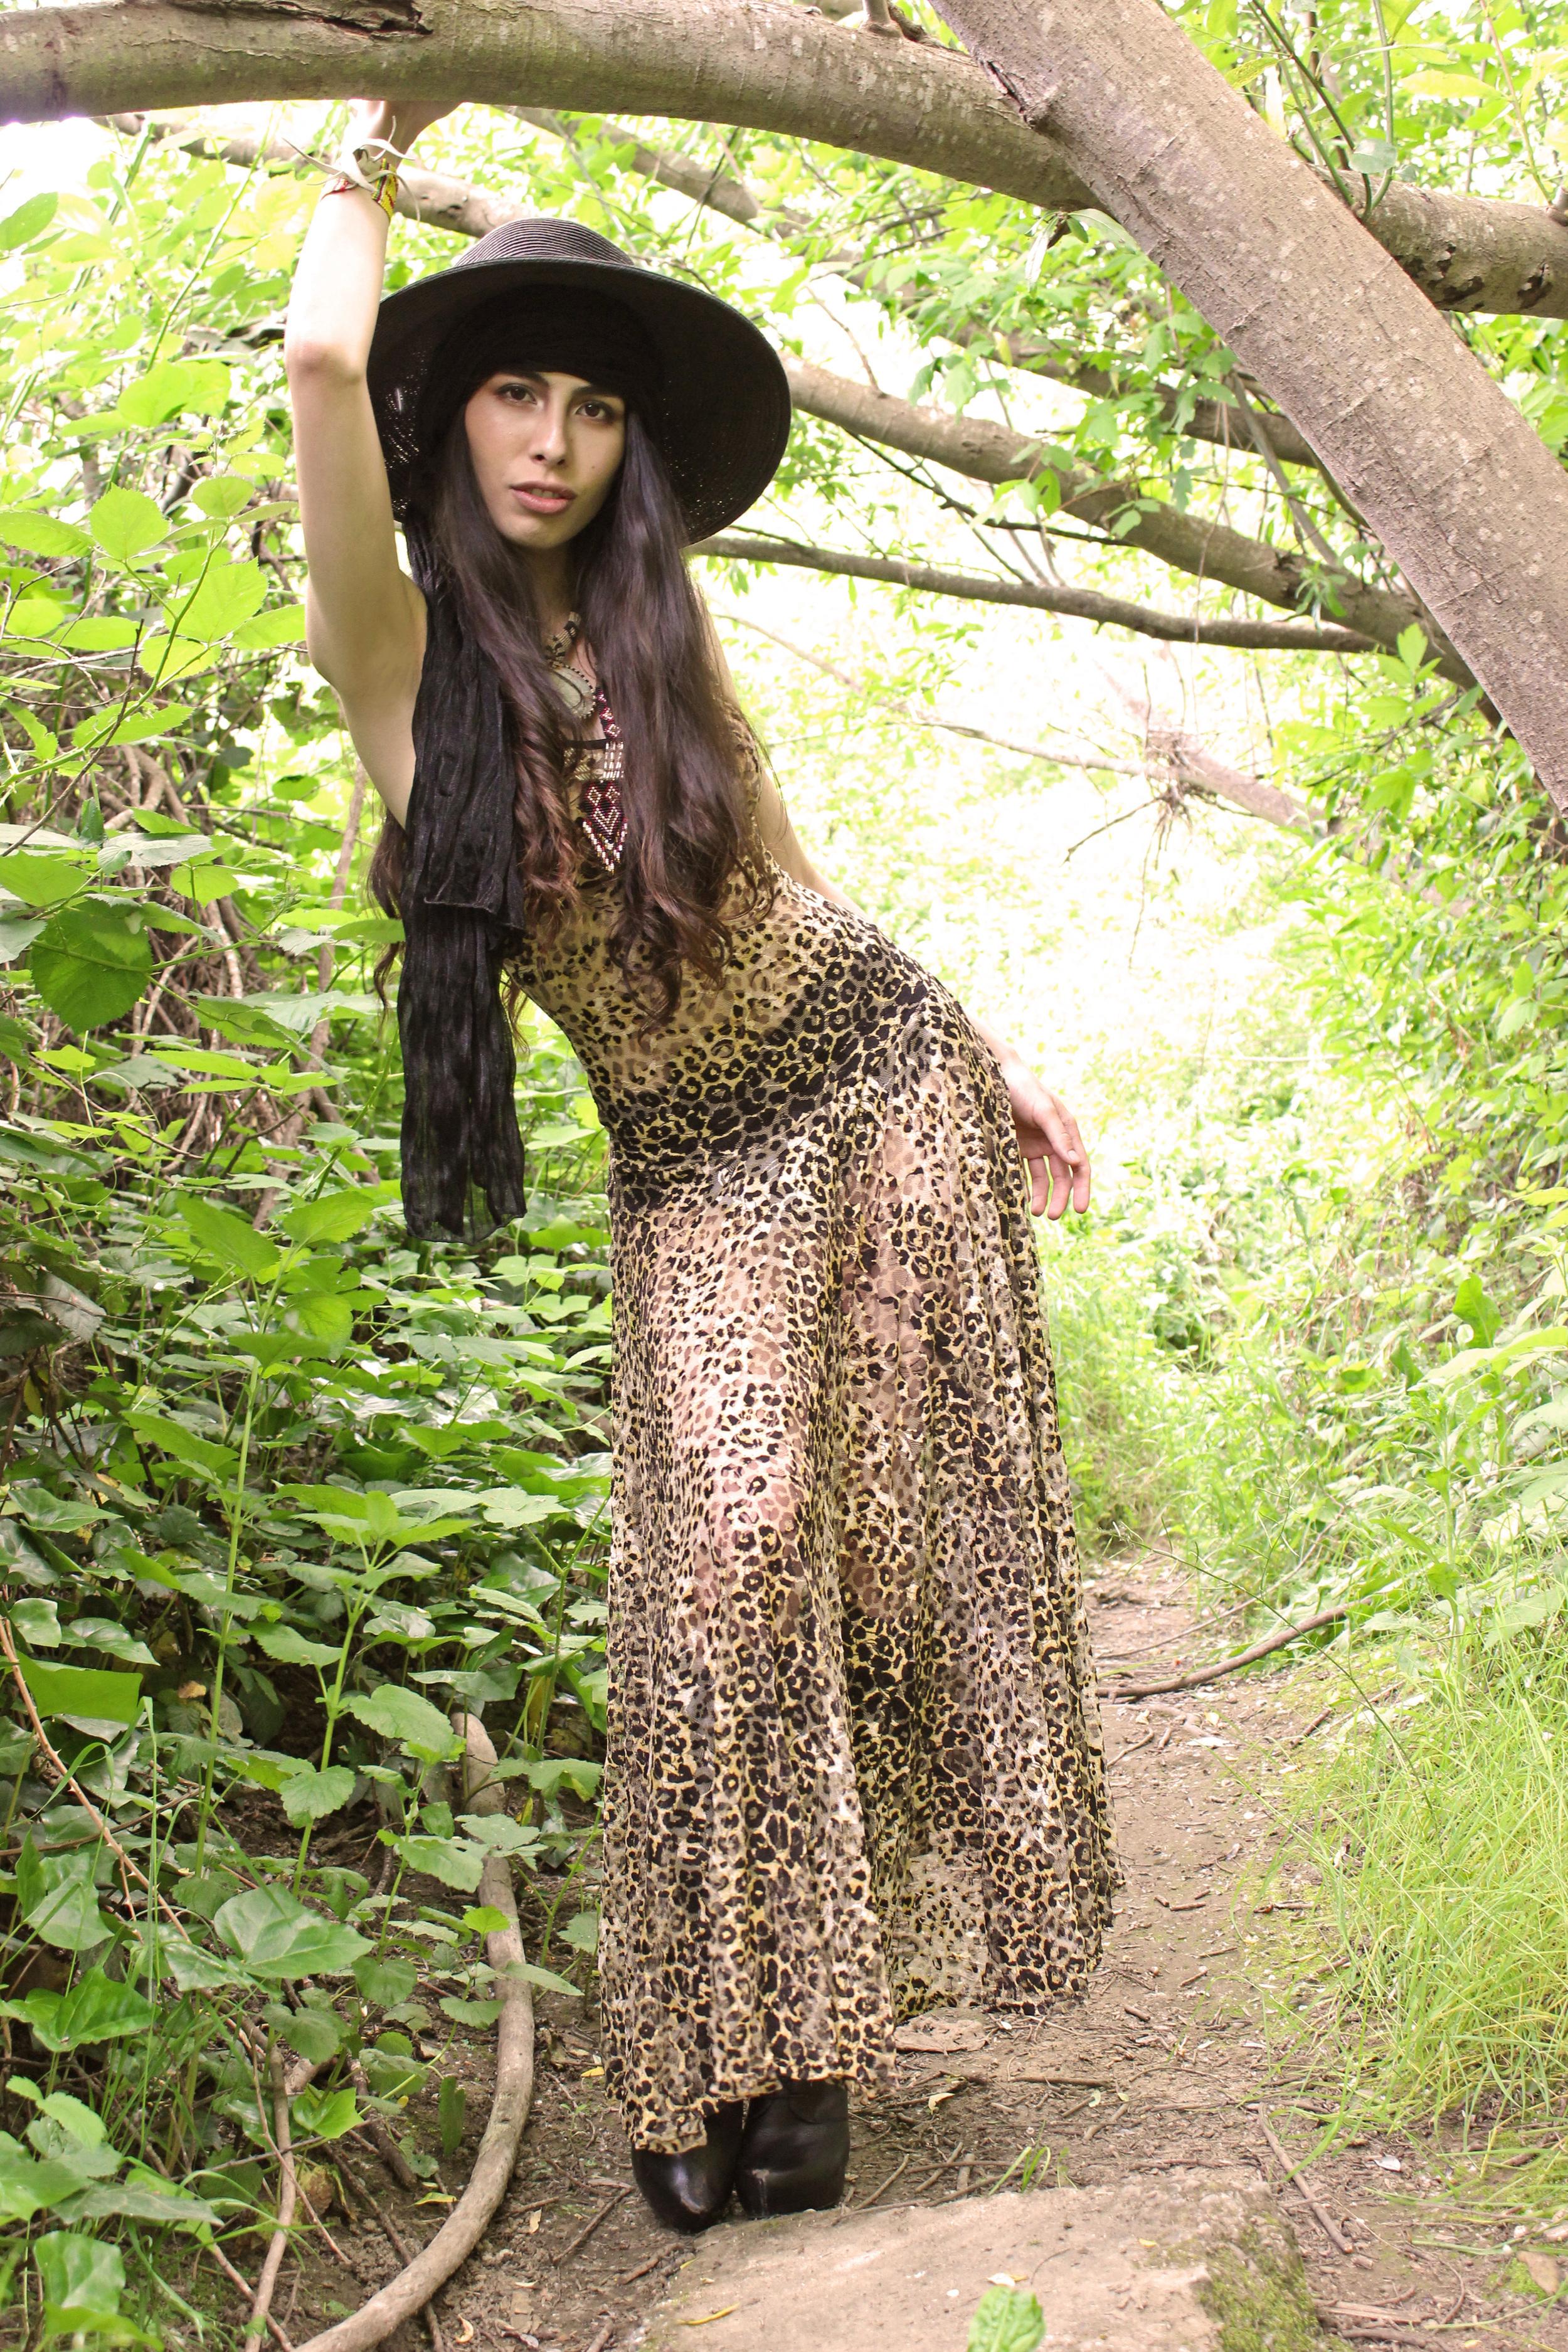 Muheeka Princess Dress in Leopard Lace